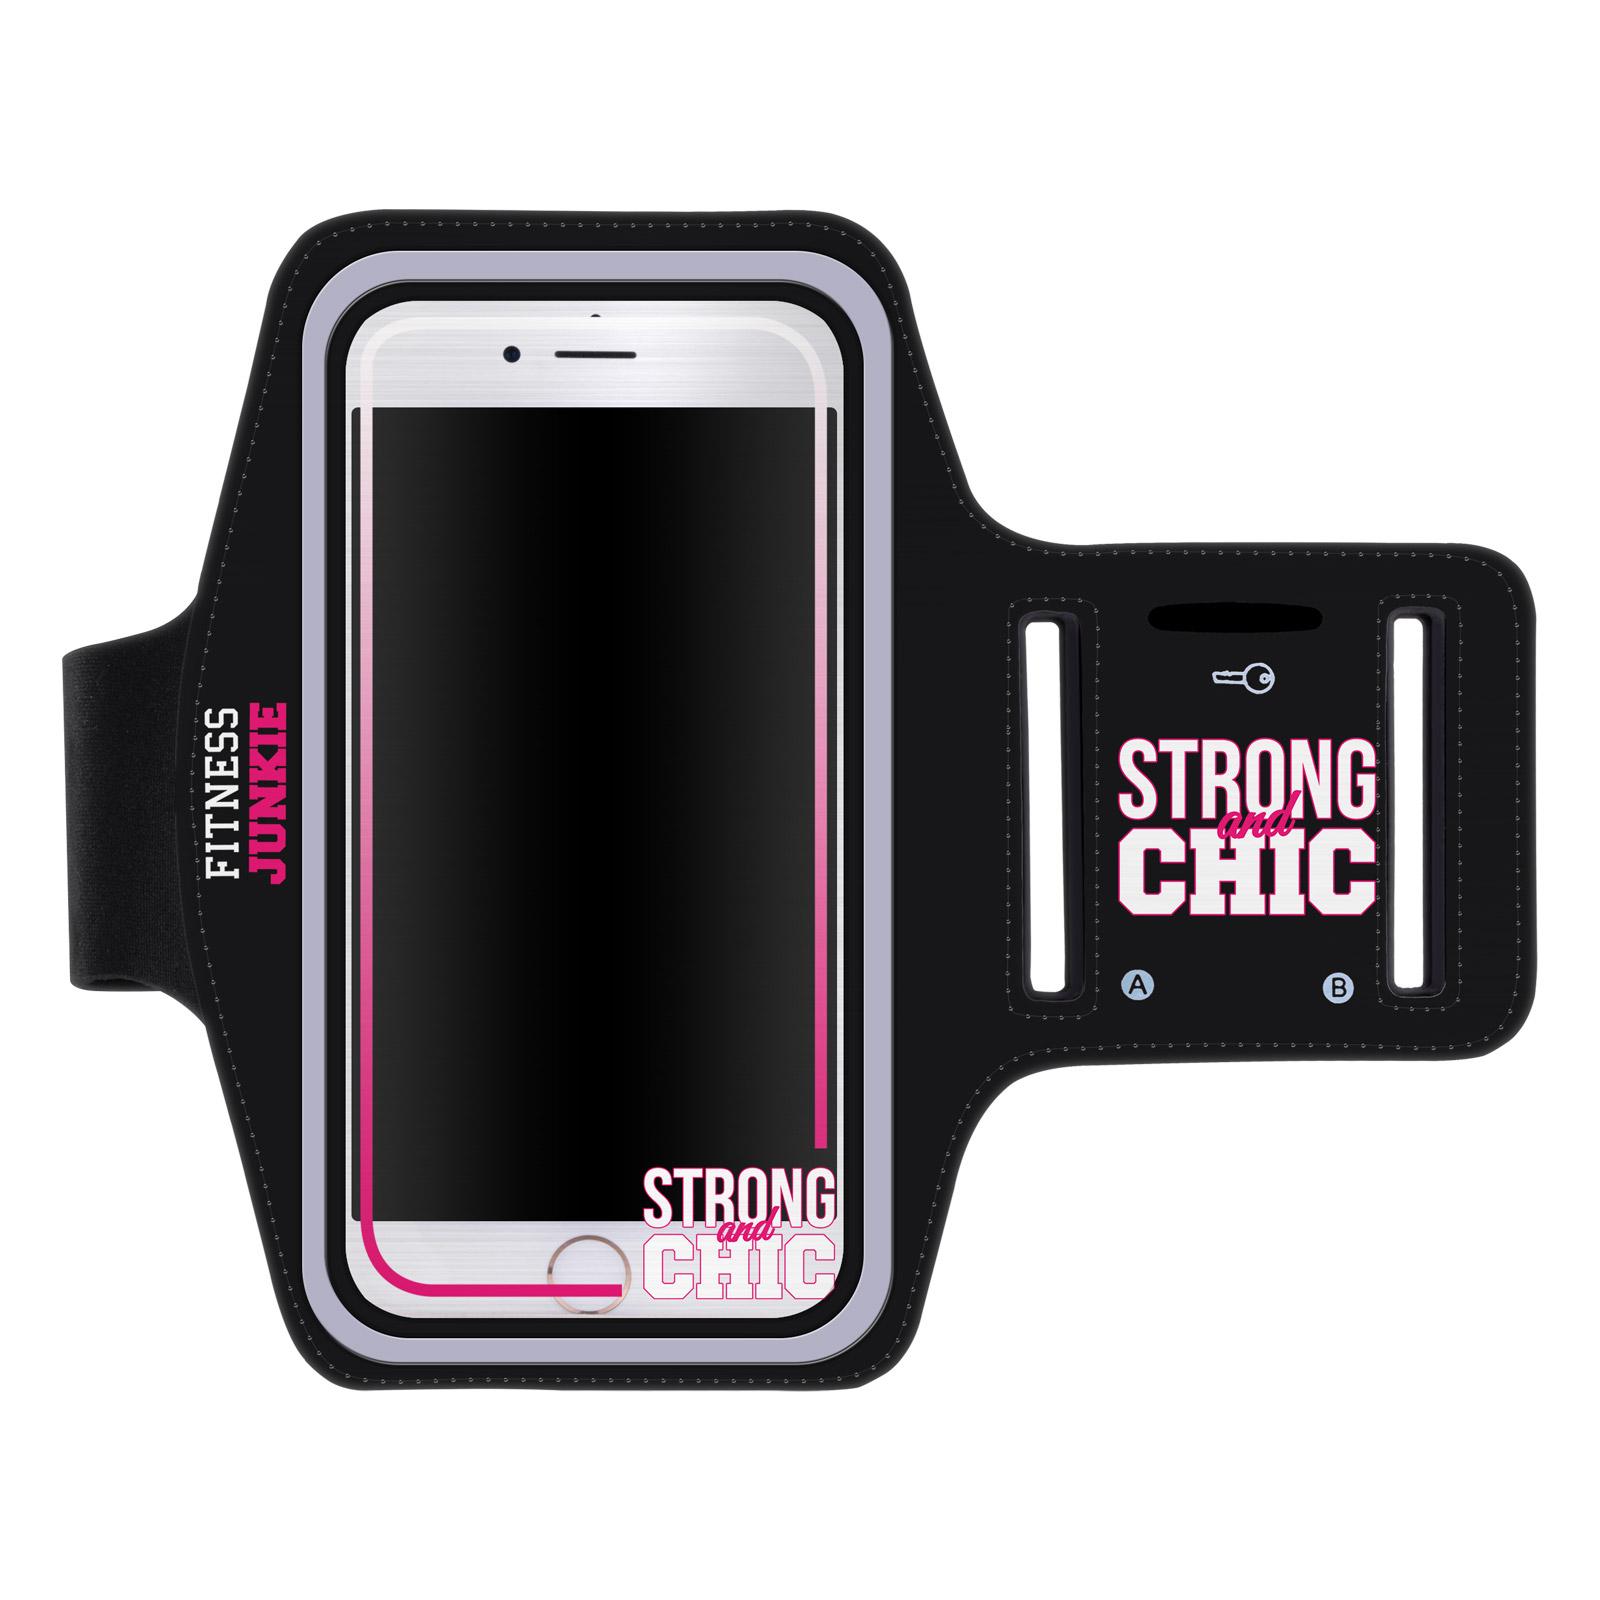 """Sportovní pouzdro na ruku STRONG AND CHIC pro mobily do 5,1"""" iPhone 6 / S7 ČERNÉ (Pouzdro na běhání pro mobilní telefony do 5,1 palců)"""